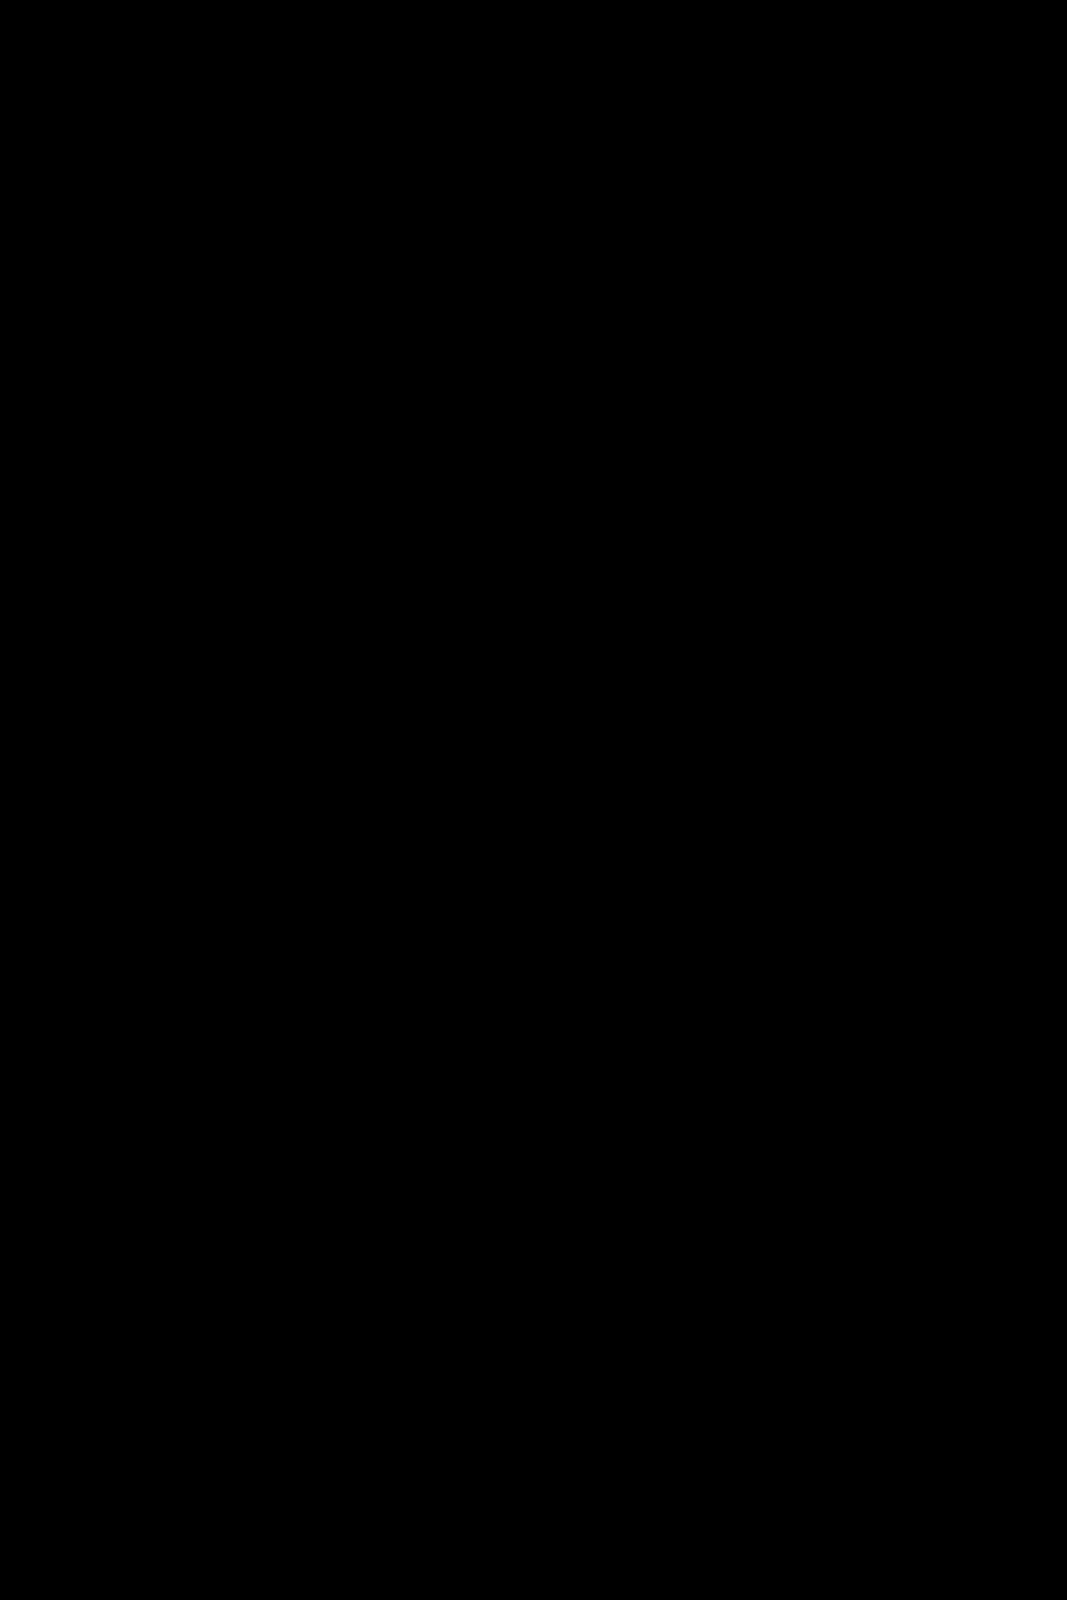 primo piano viso sorriso fasciato bimbo costumi servizio fotografico newborn maternità bambino piccolo neonato forlì cesena faenza ravenna romagna phetit